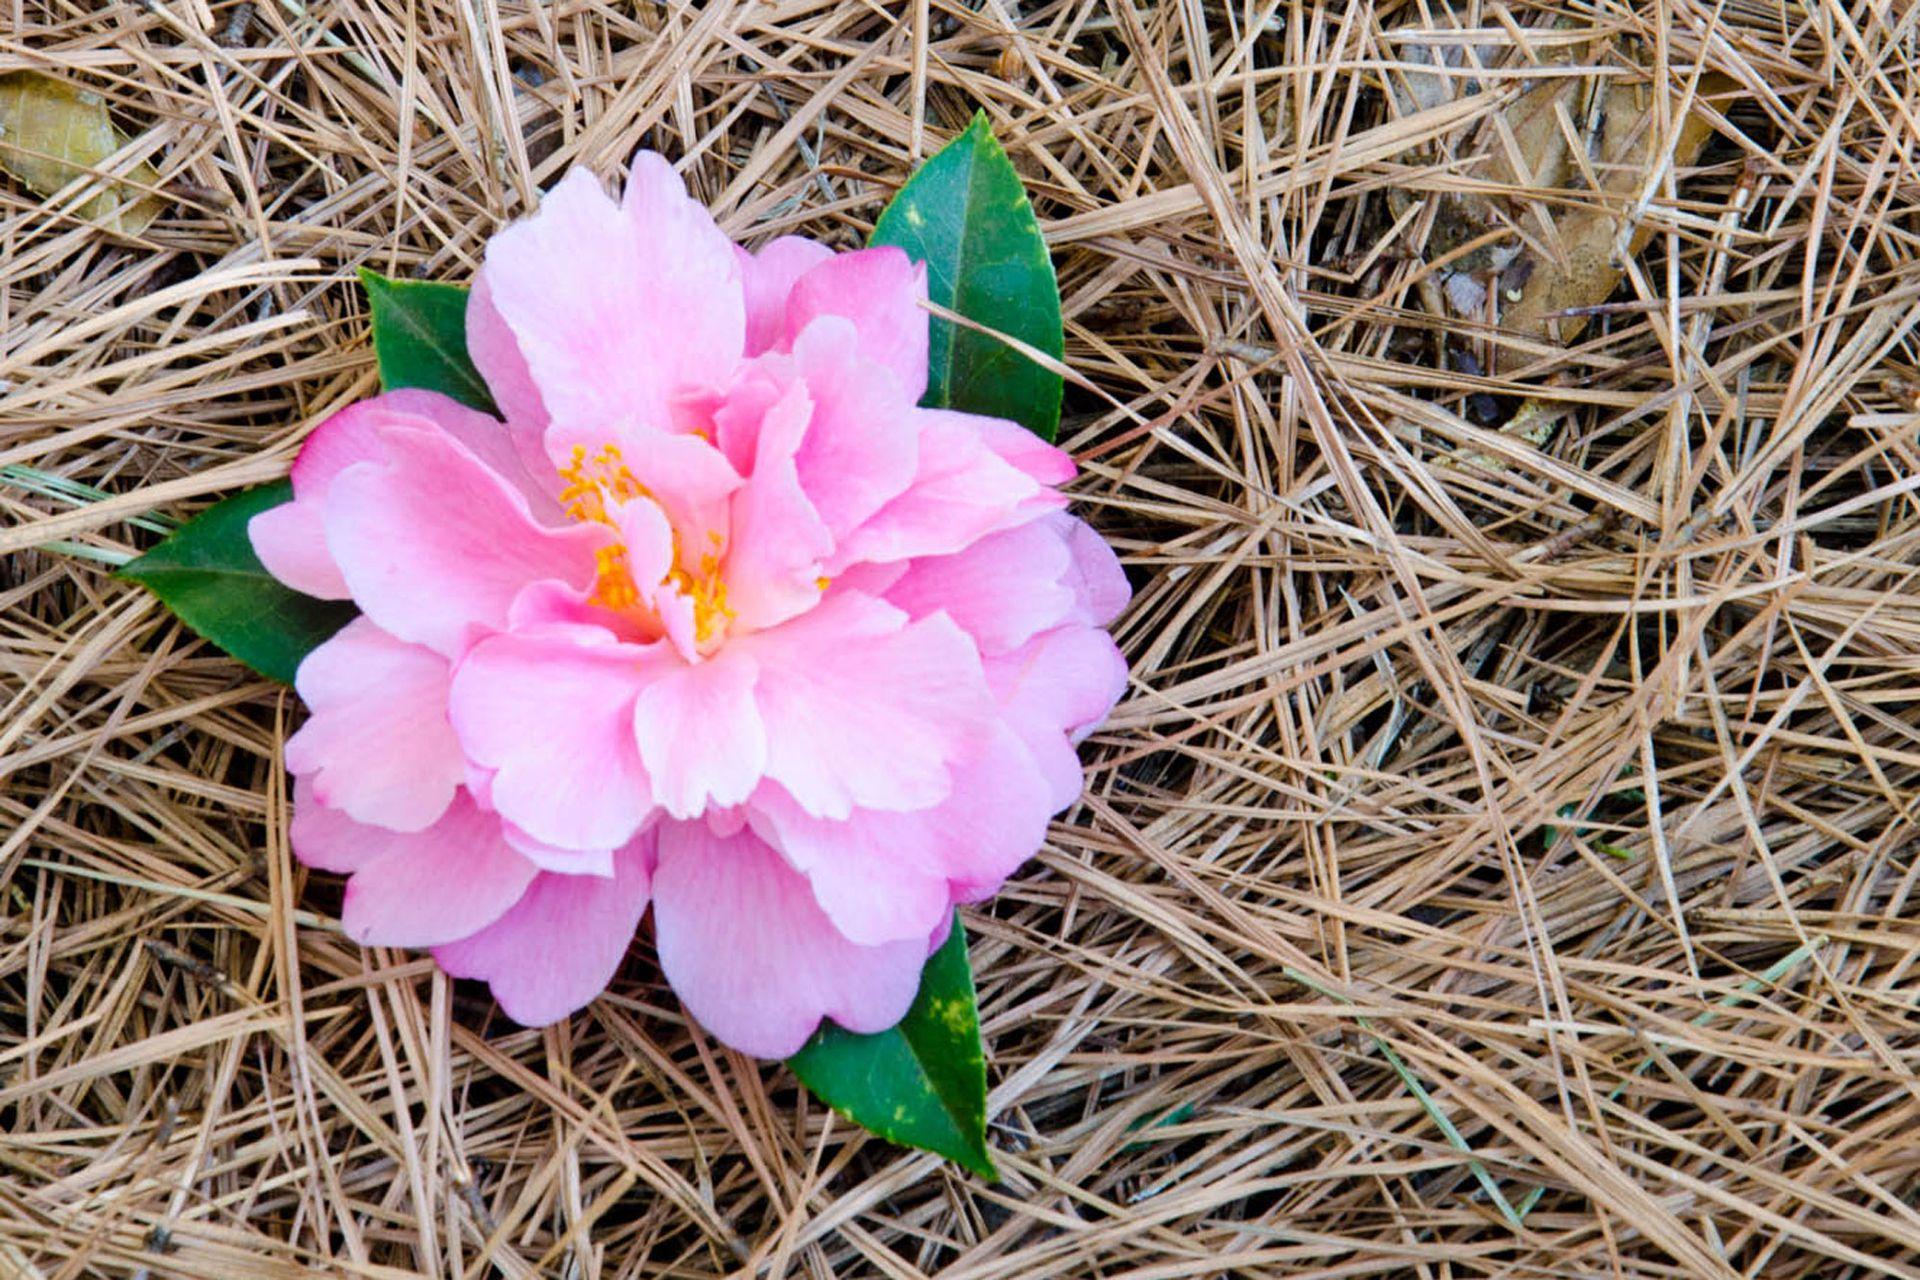 Camellia ´Maggiore´. Es un híbrido de C. japonica obtenida por un cultivador suizo. Es una planta pequeña, achaparrada, muy florífera, ideal para macetas.